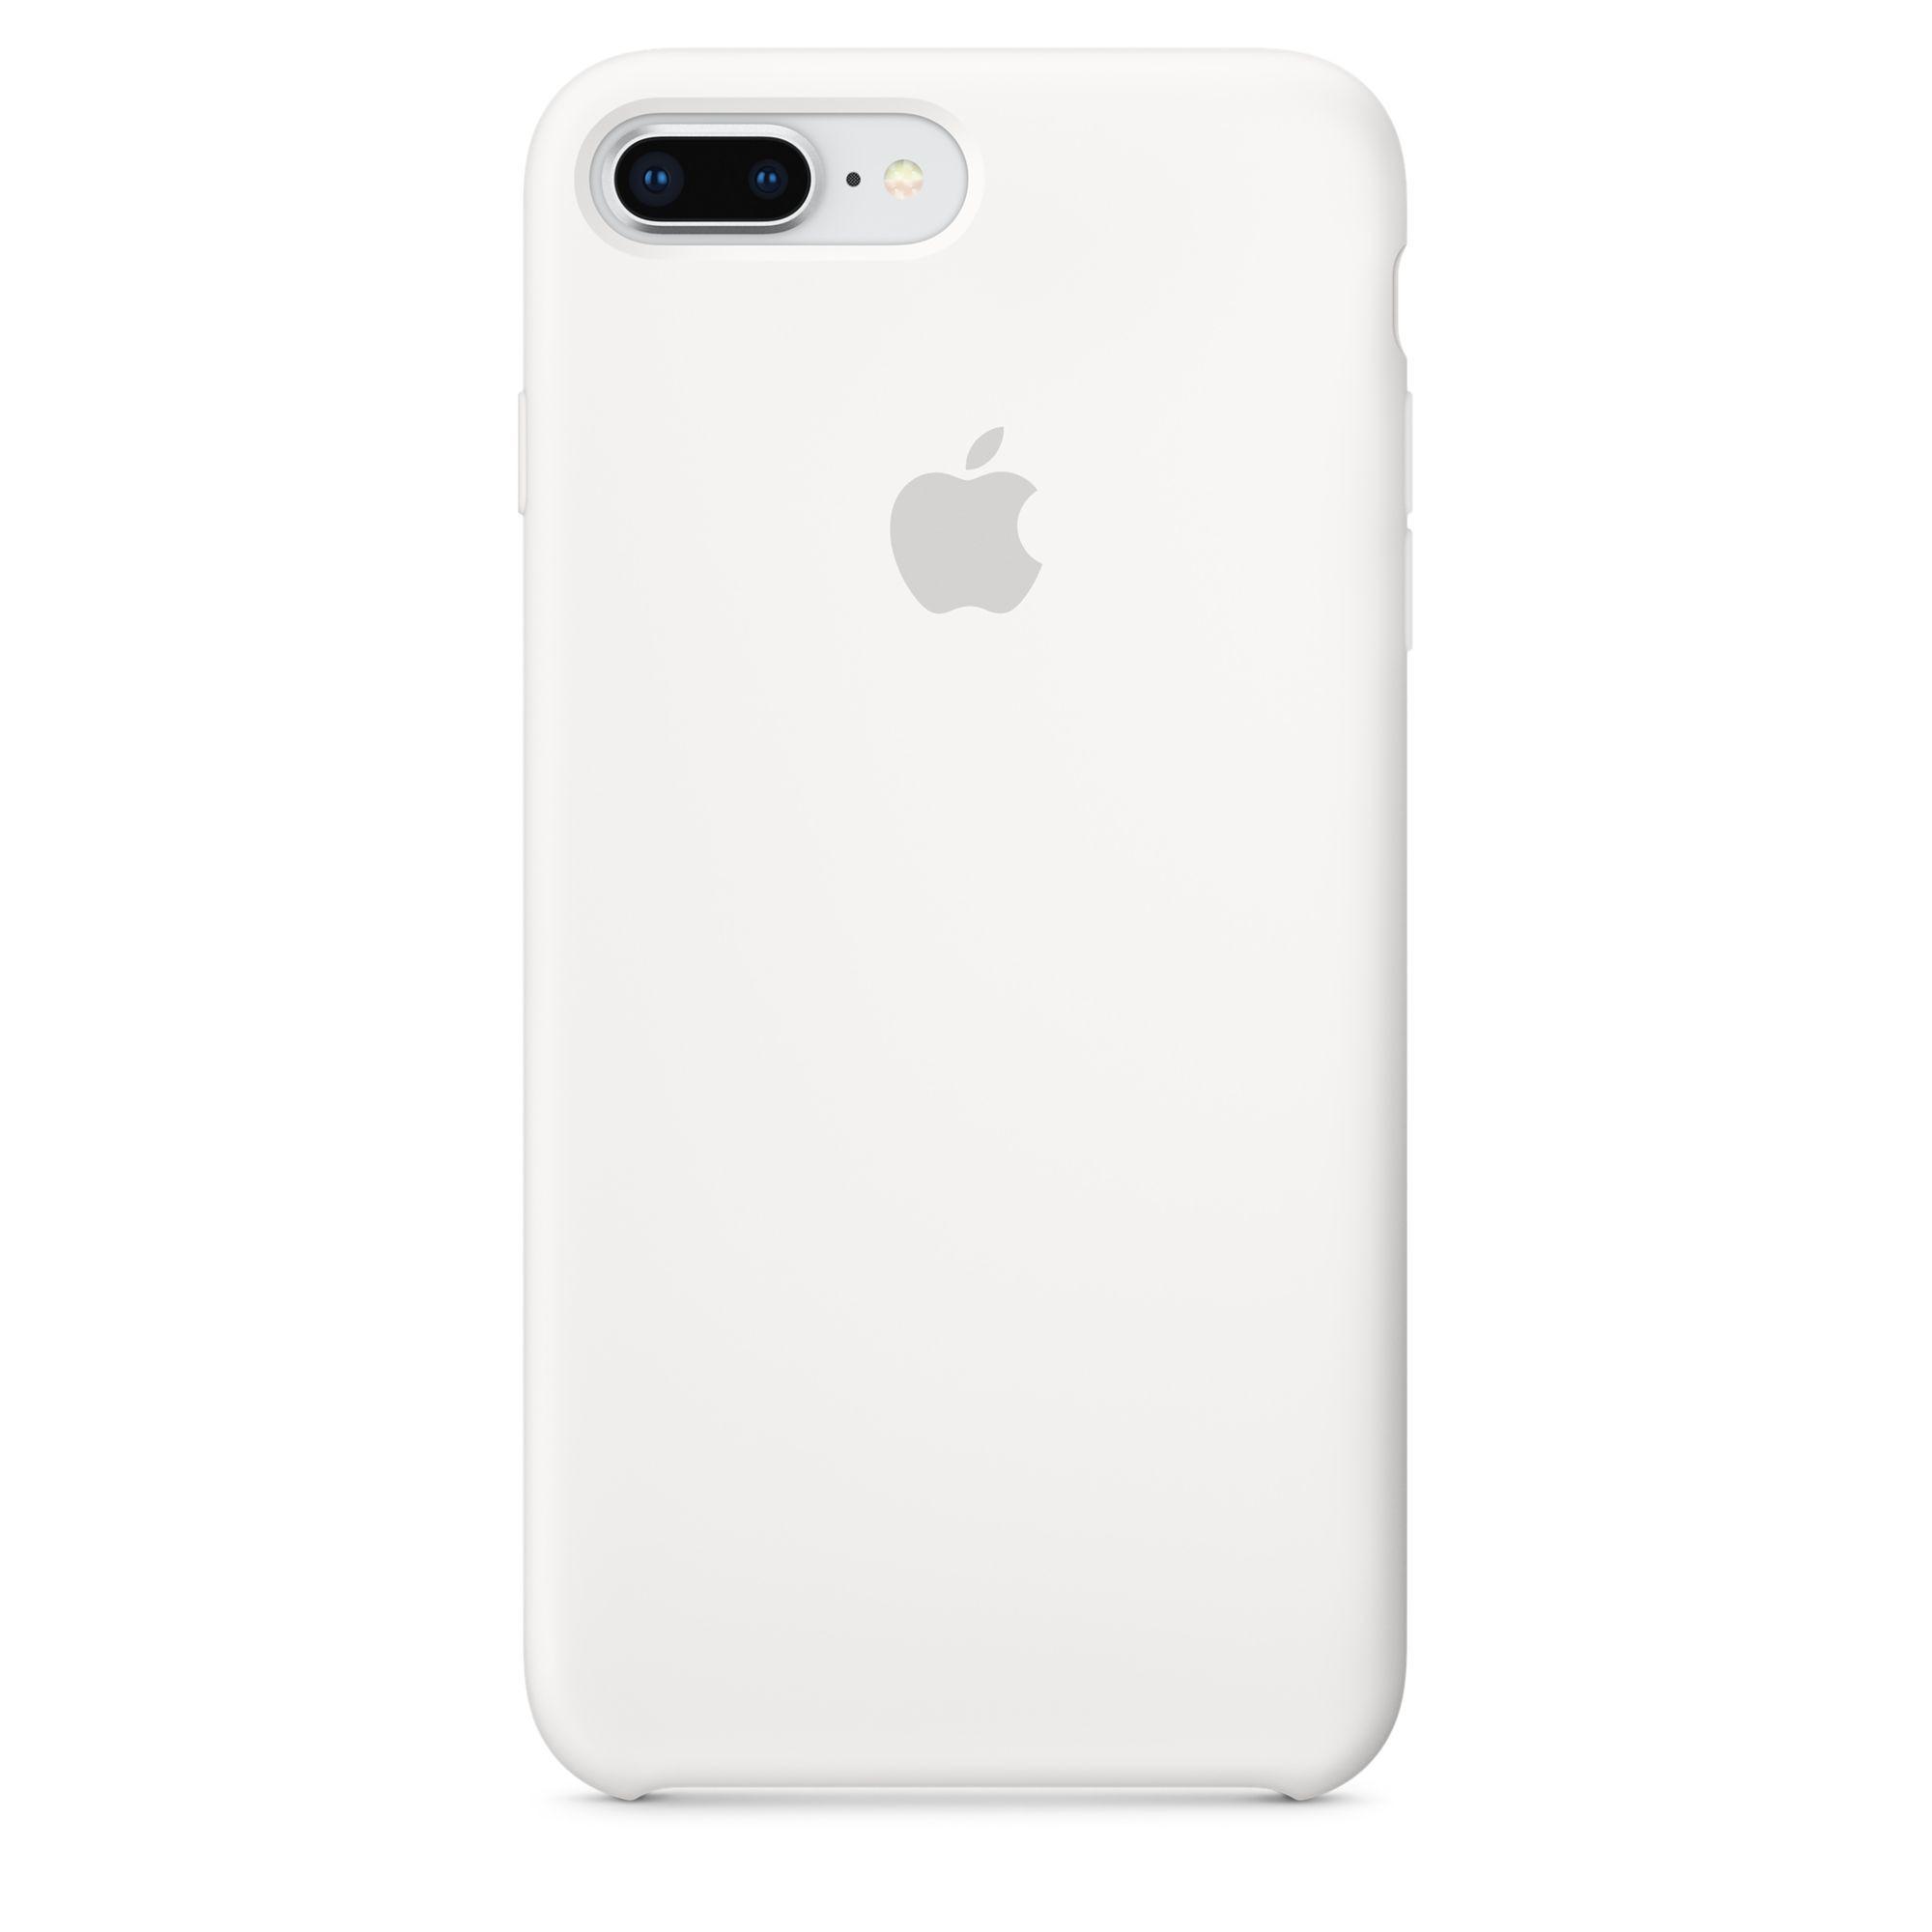 Apple silikonový kryt na iPhone 8 Plus / 7 Plus – bílý